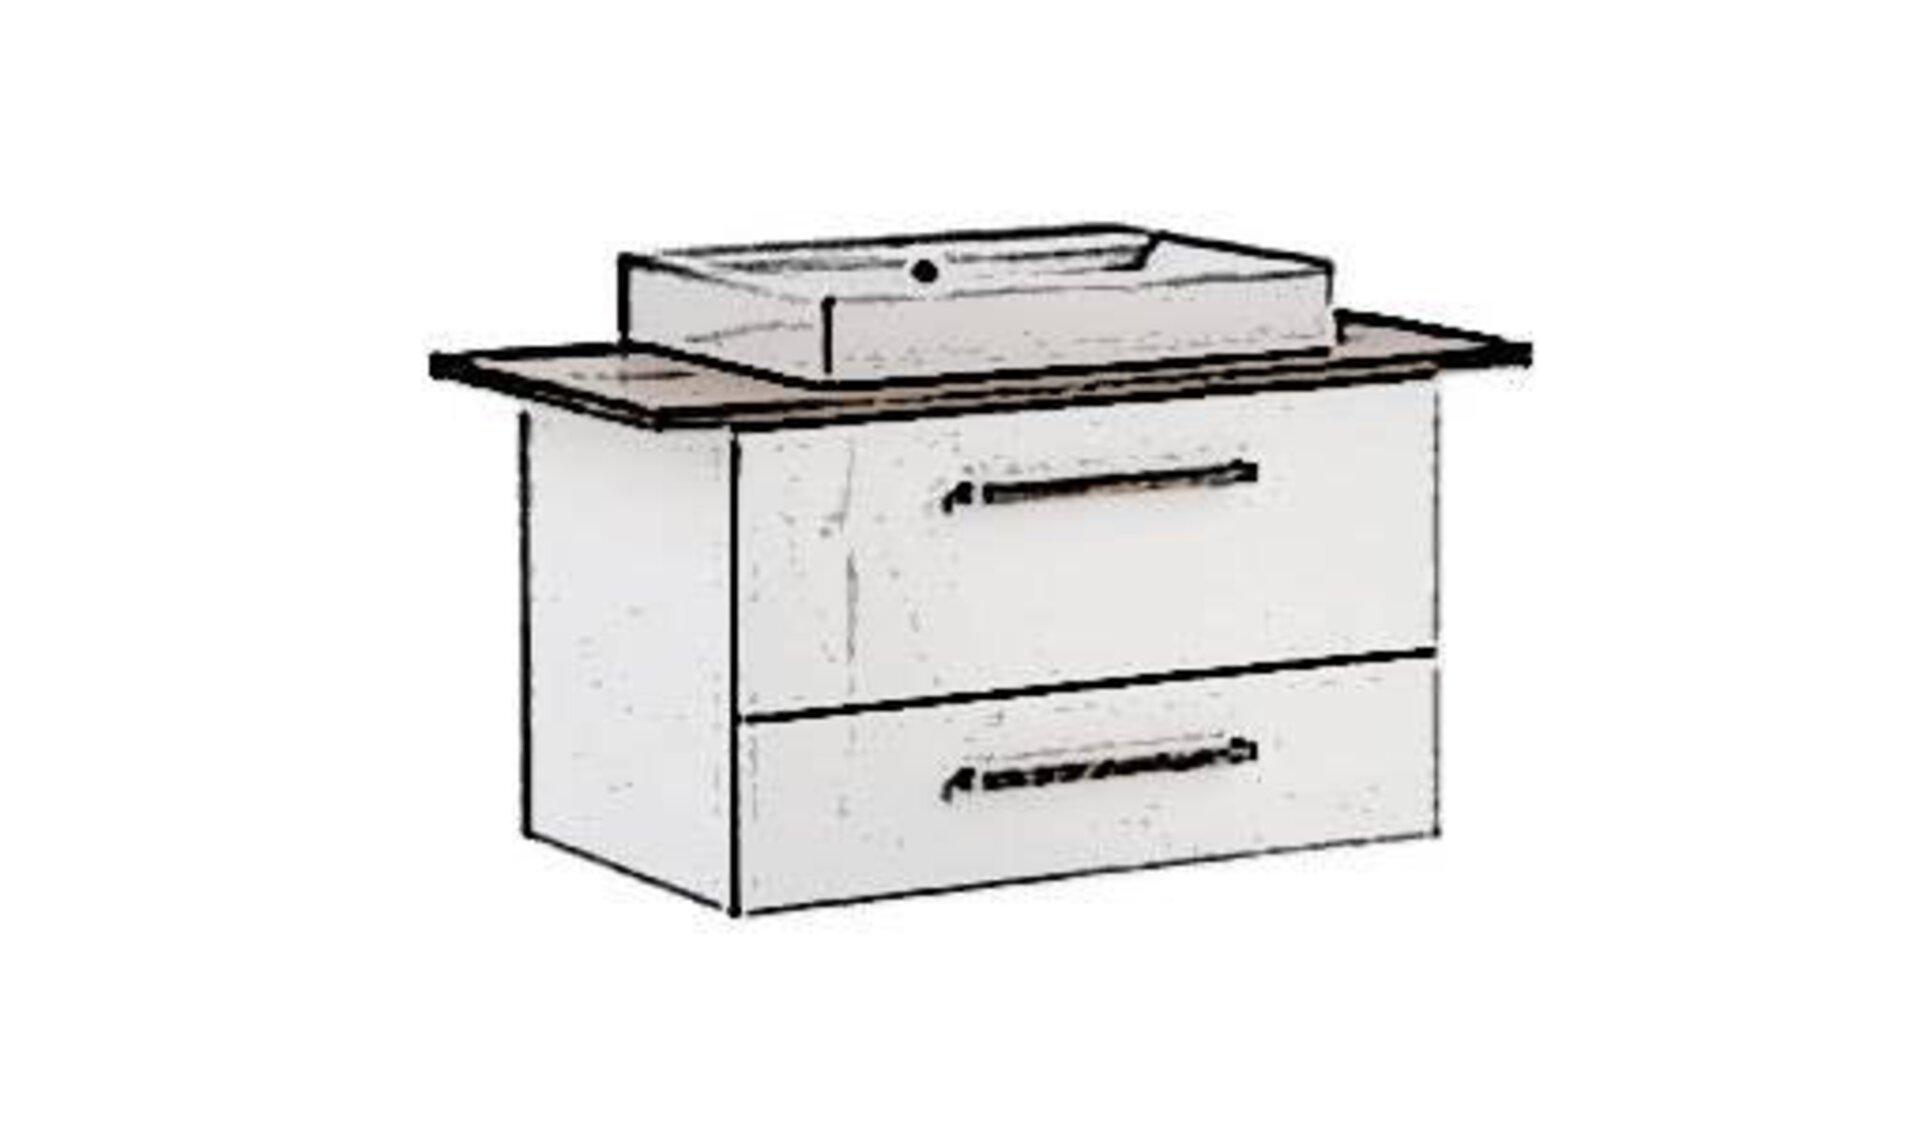 Icon für Waschtisch ist ein weißer Schrank mit zwei unterschiedlich hohen Schubladen. Der Korpus ist aus weißem Furnier mit Holzgriffen. Die Waschtischplatte besteht aus Holz und das rechteckige Keramik-Waschbecken ist ober aufgesetzt.